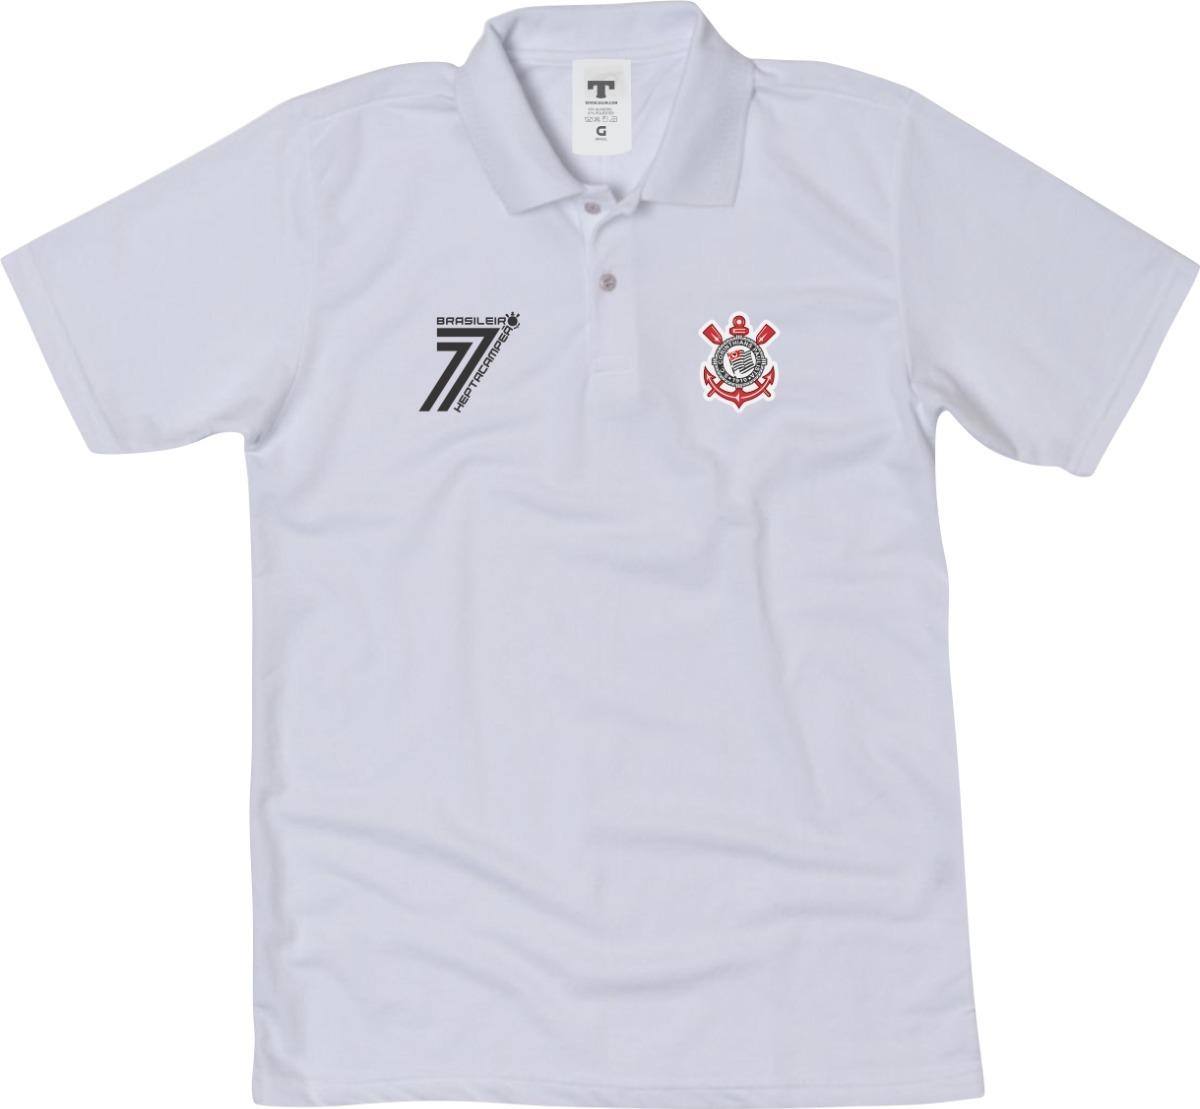 camisa do corinthians camiseta polo timão blusa polo timão. Carregando zoom. 958a74e72b748